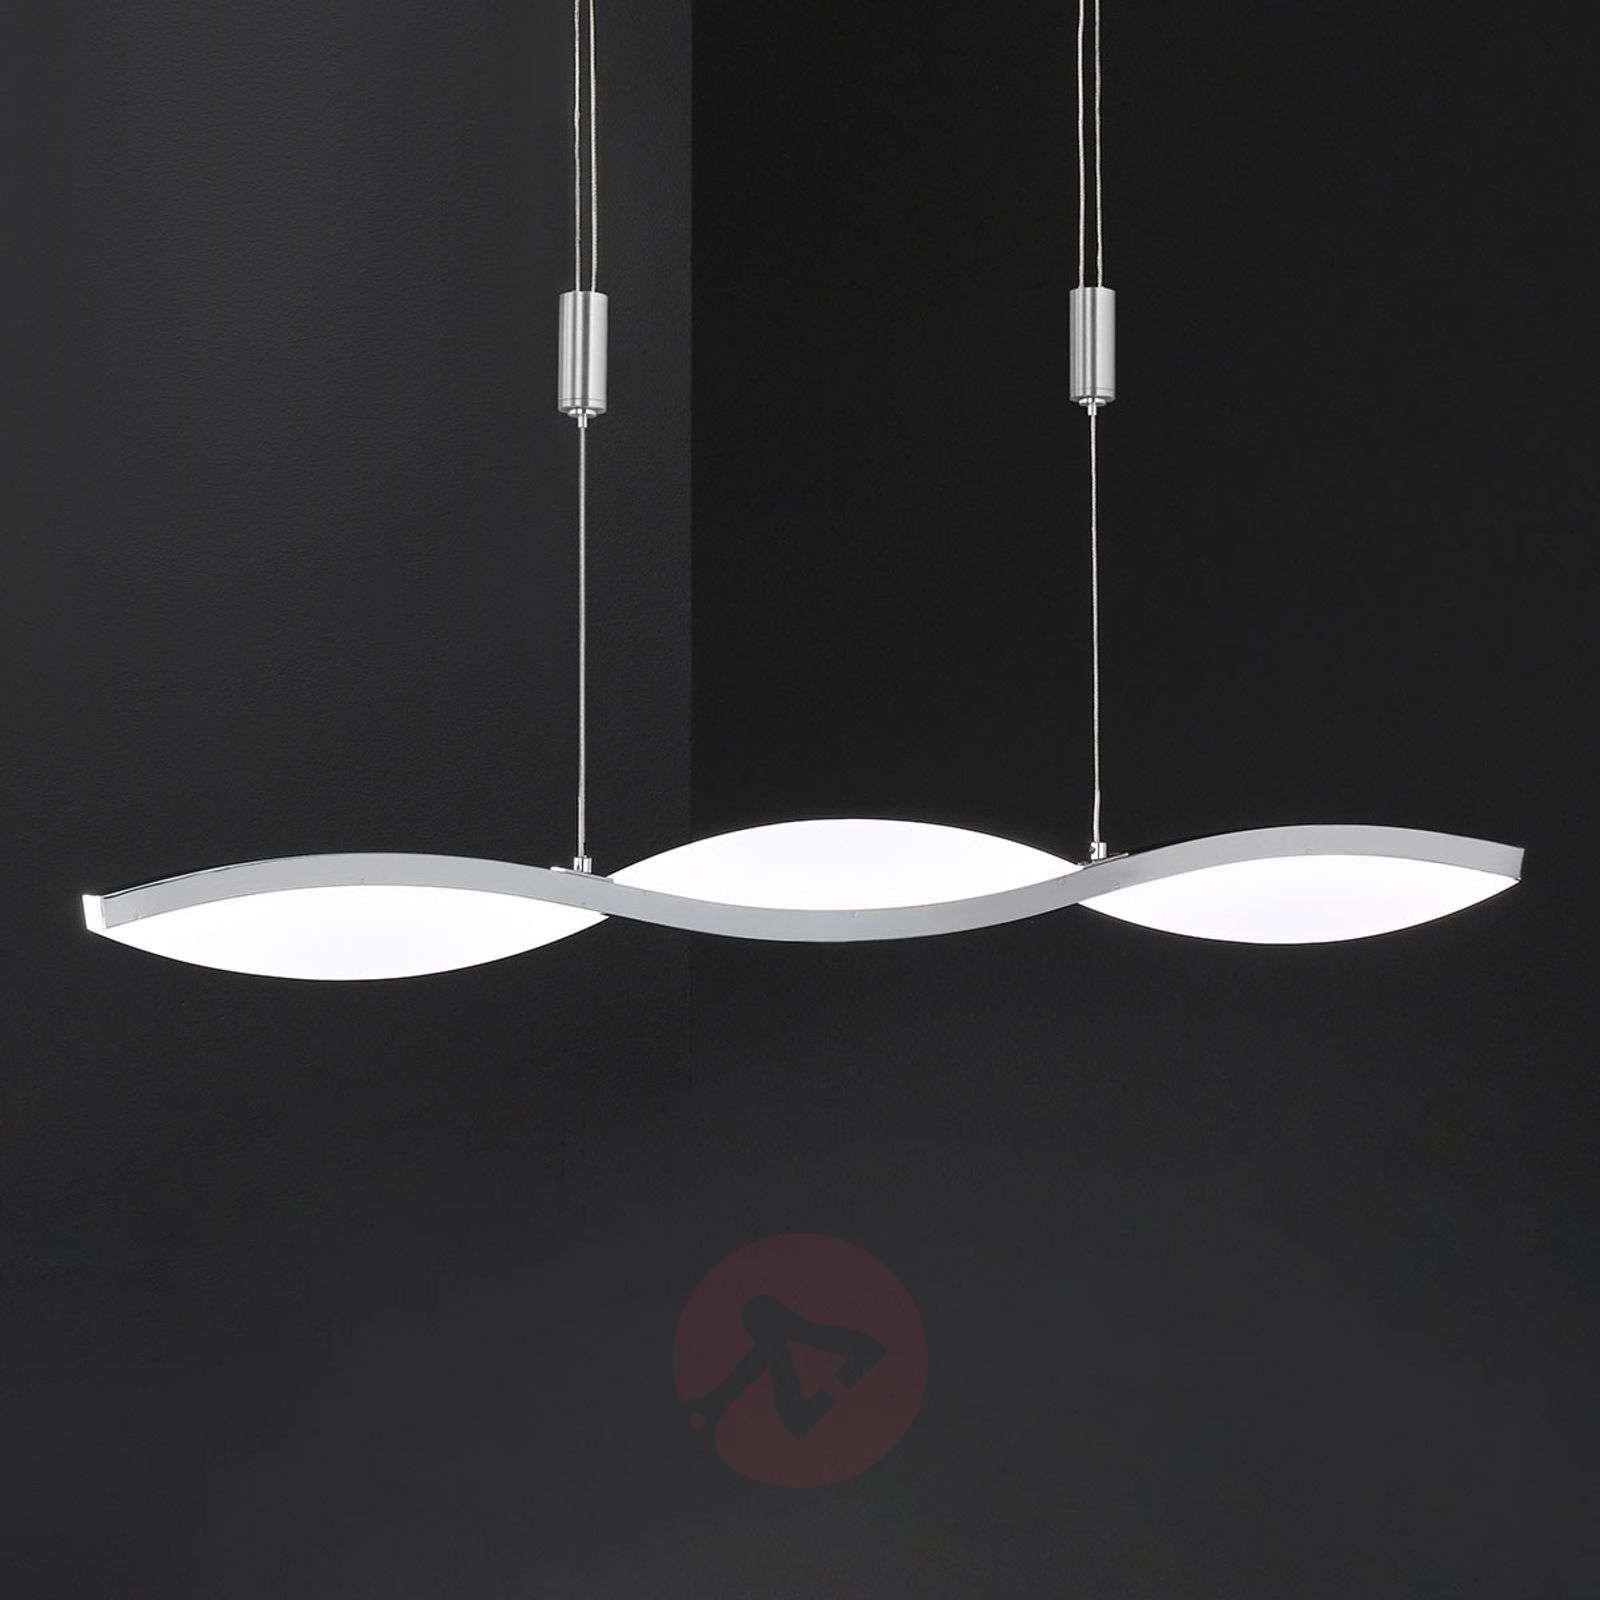 Korkeussäädettävä LED-riippuvalaisin Freya-4581408-01